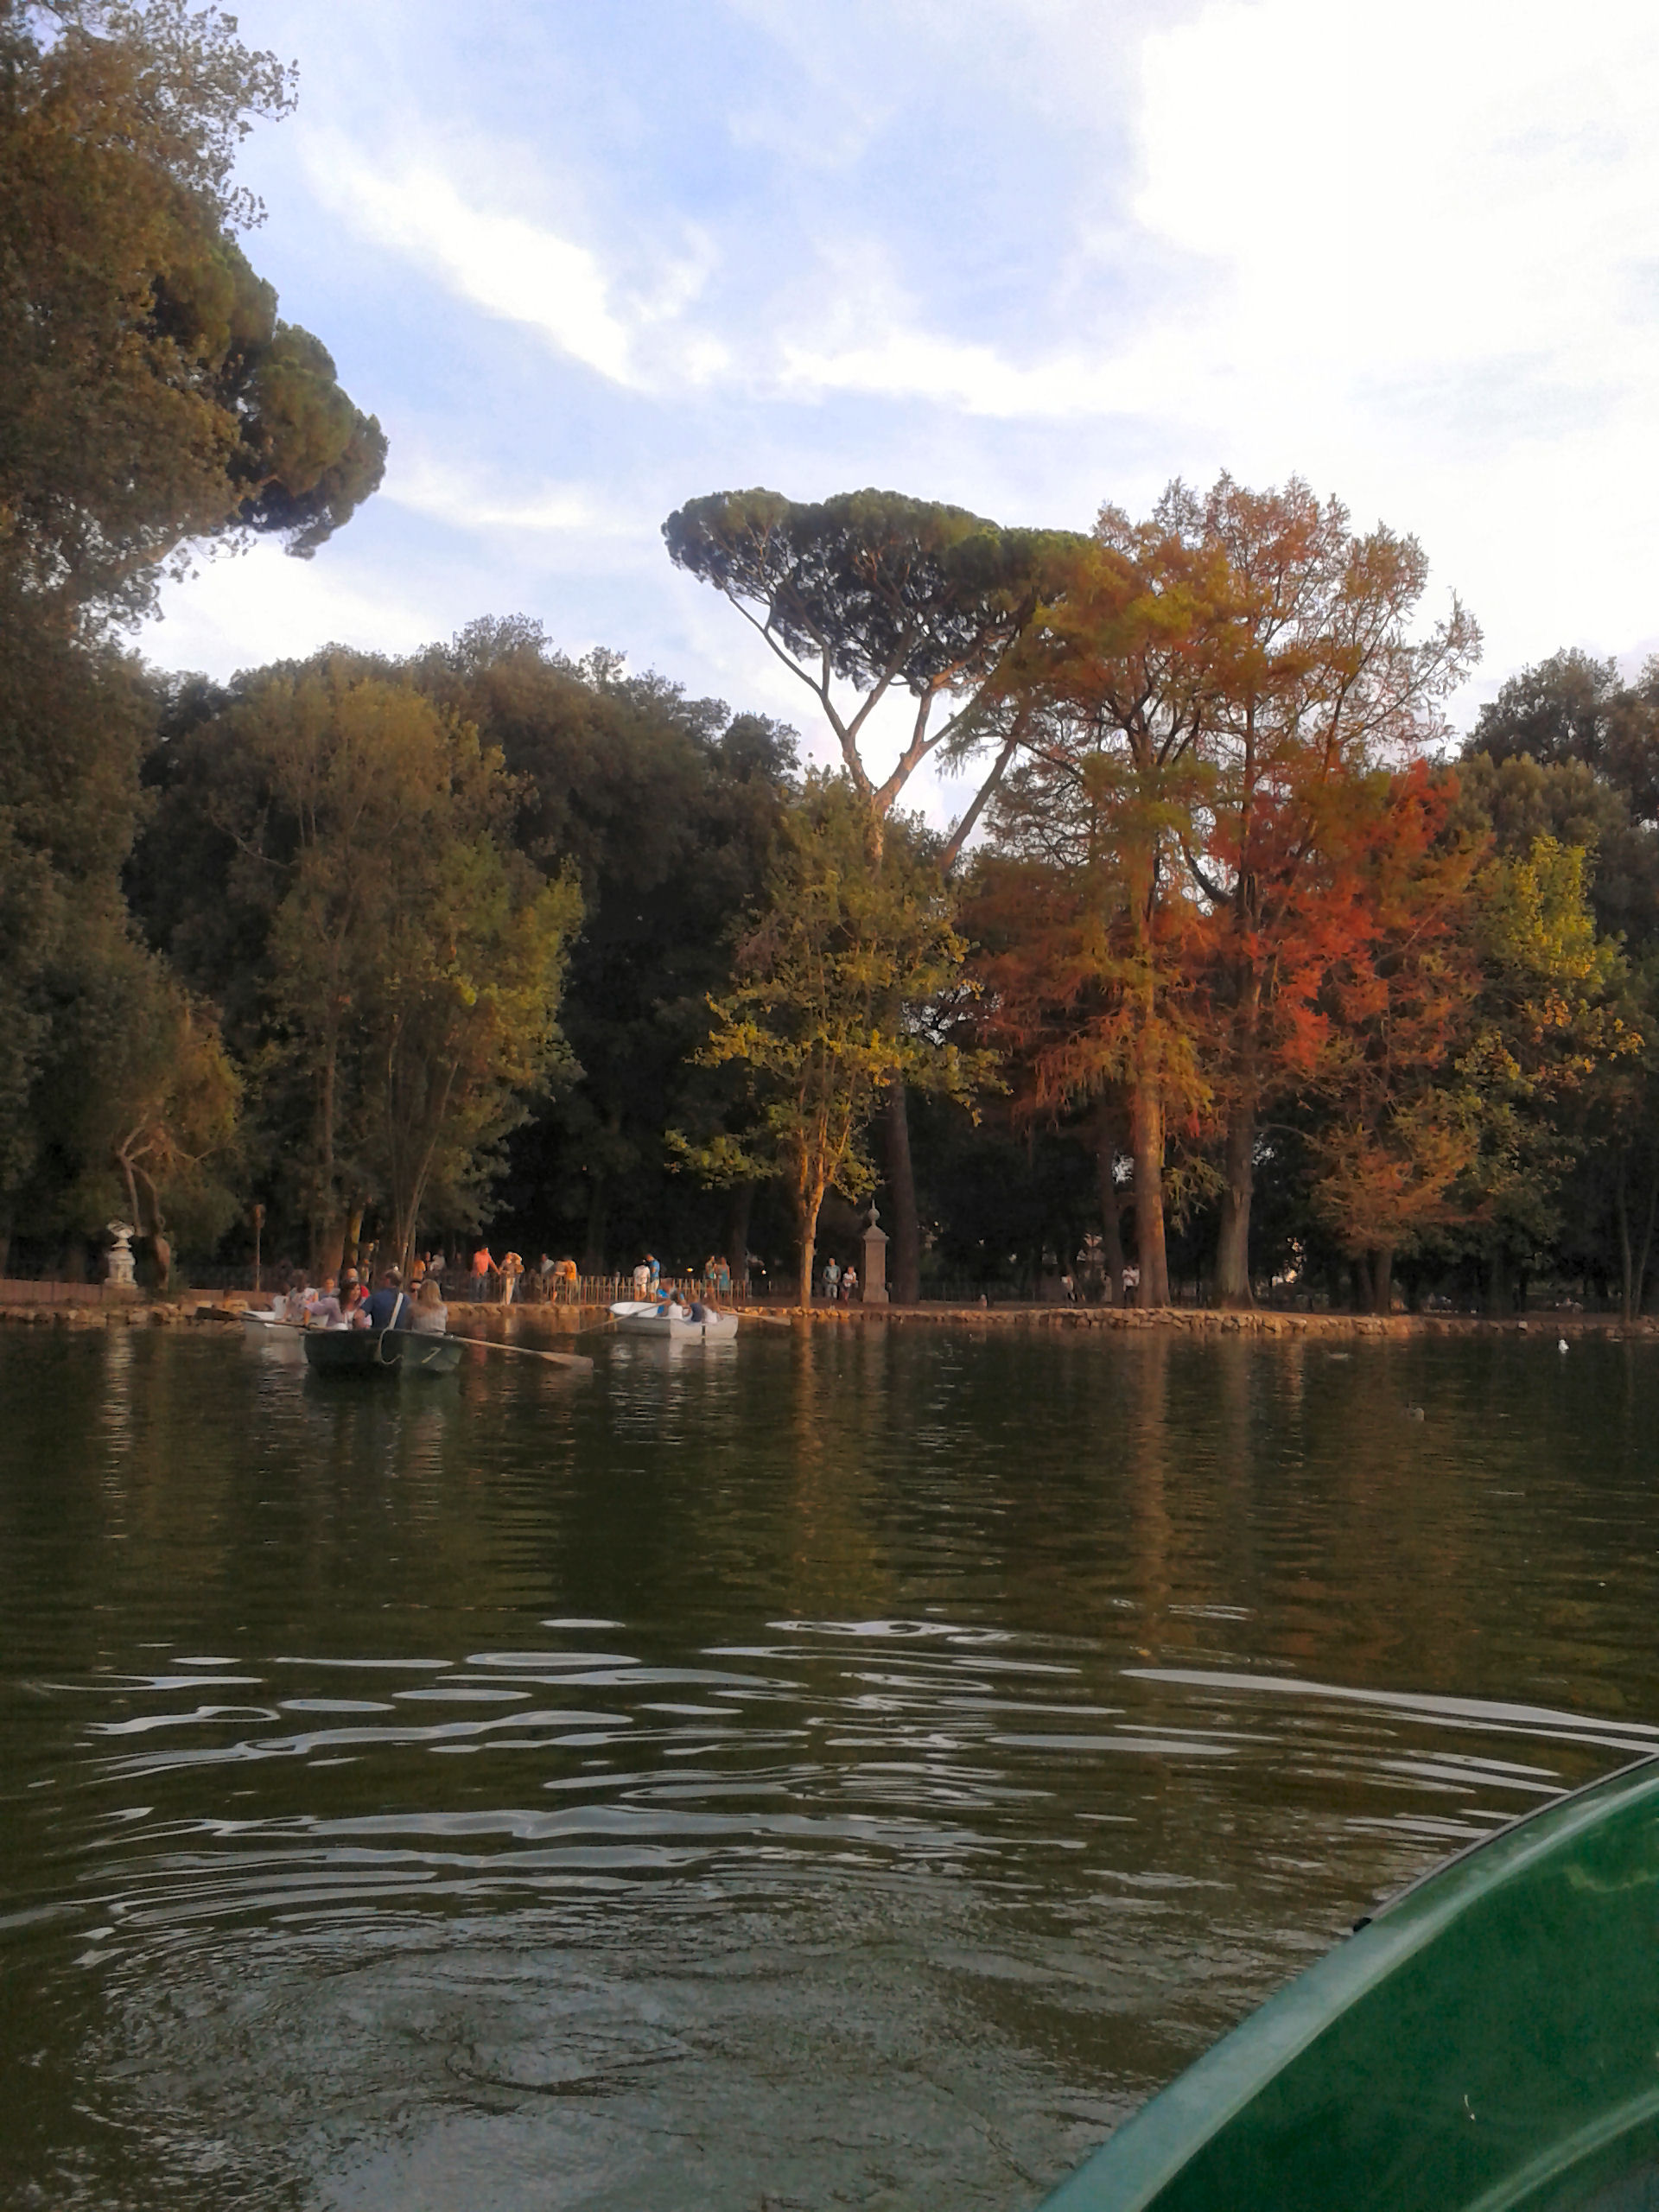 Laghetto Villa Borghese Noleggio Barche